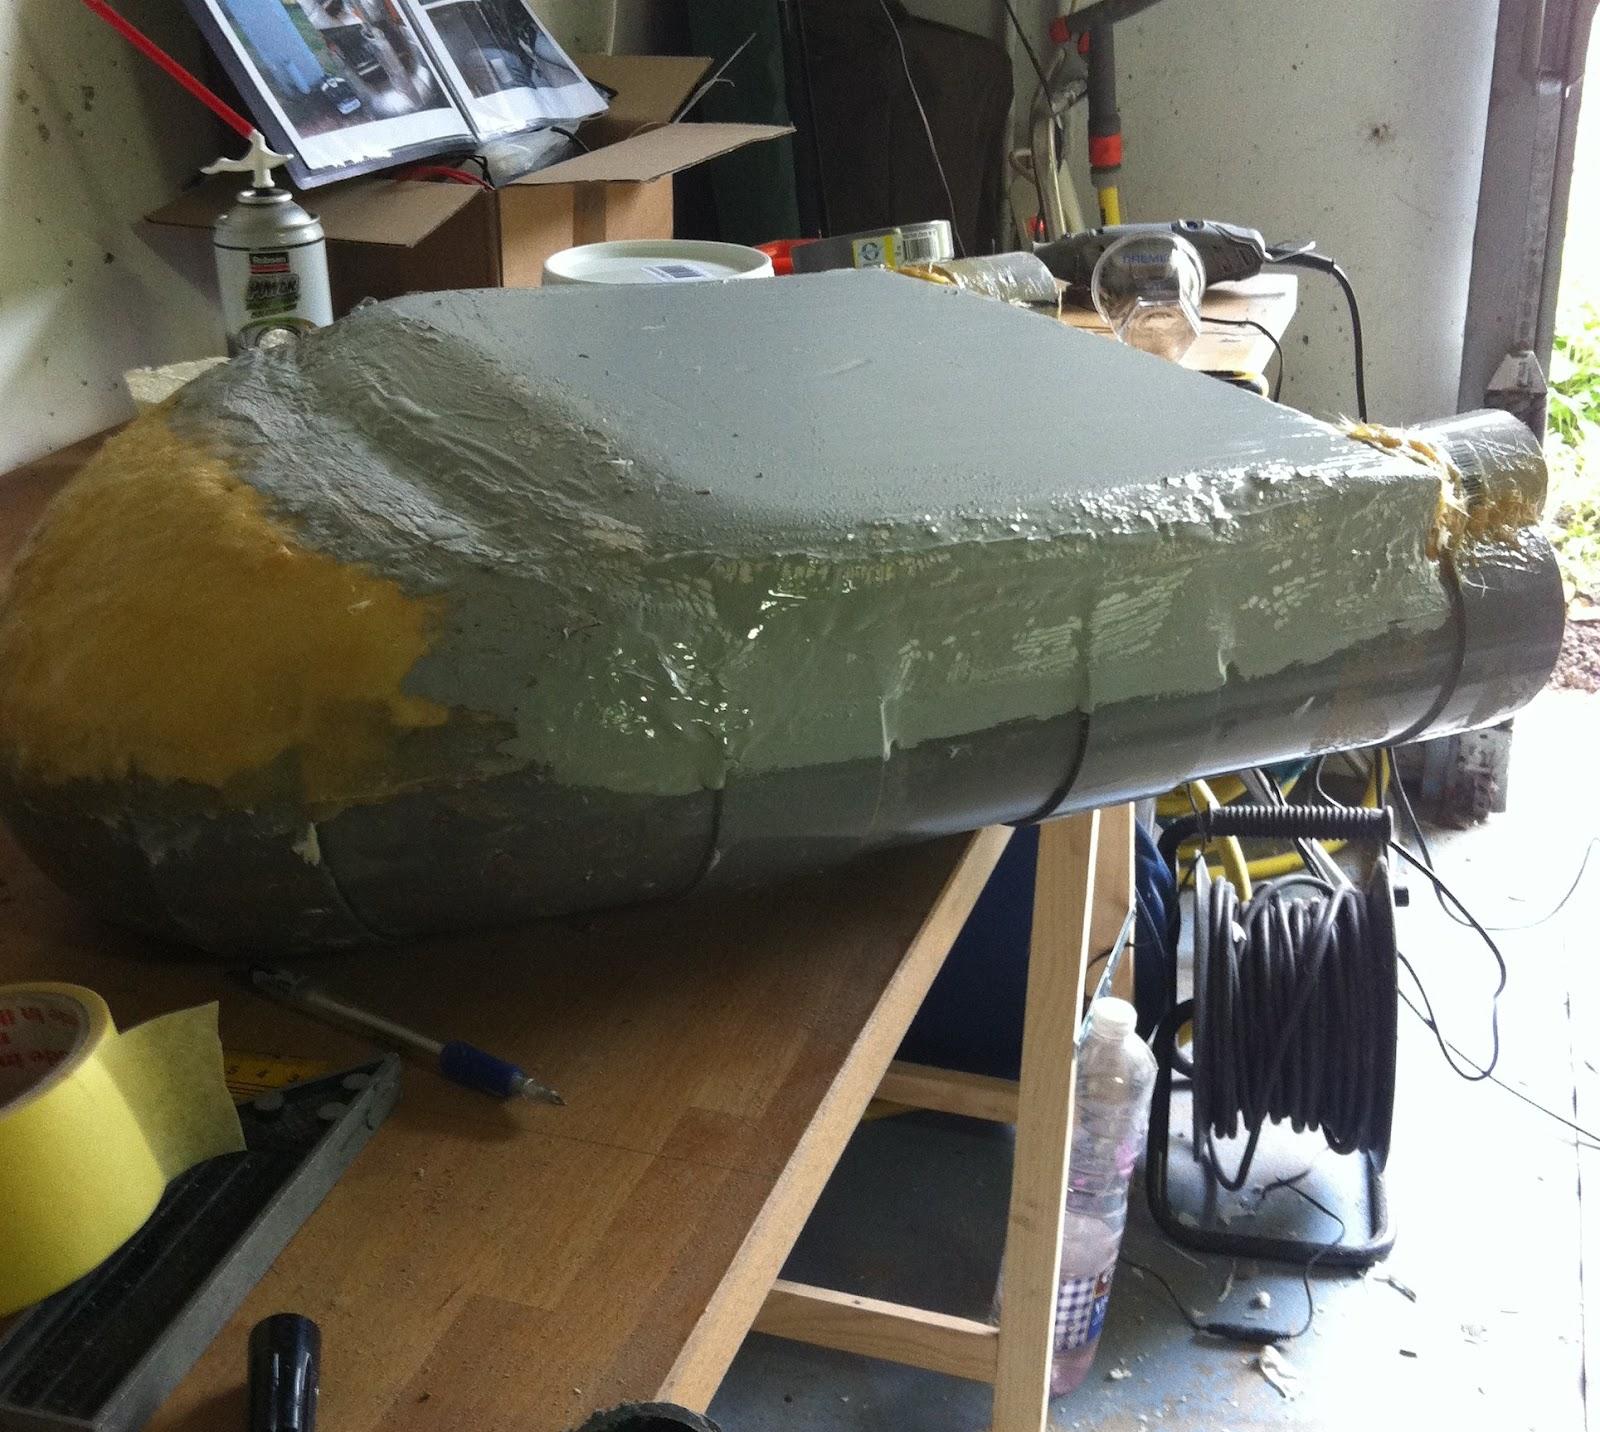 mon bateau amorceur en tube pvc un peu de peinture anti fuite. Black Bedroom Furniture Sets. Home Design Ideas